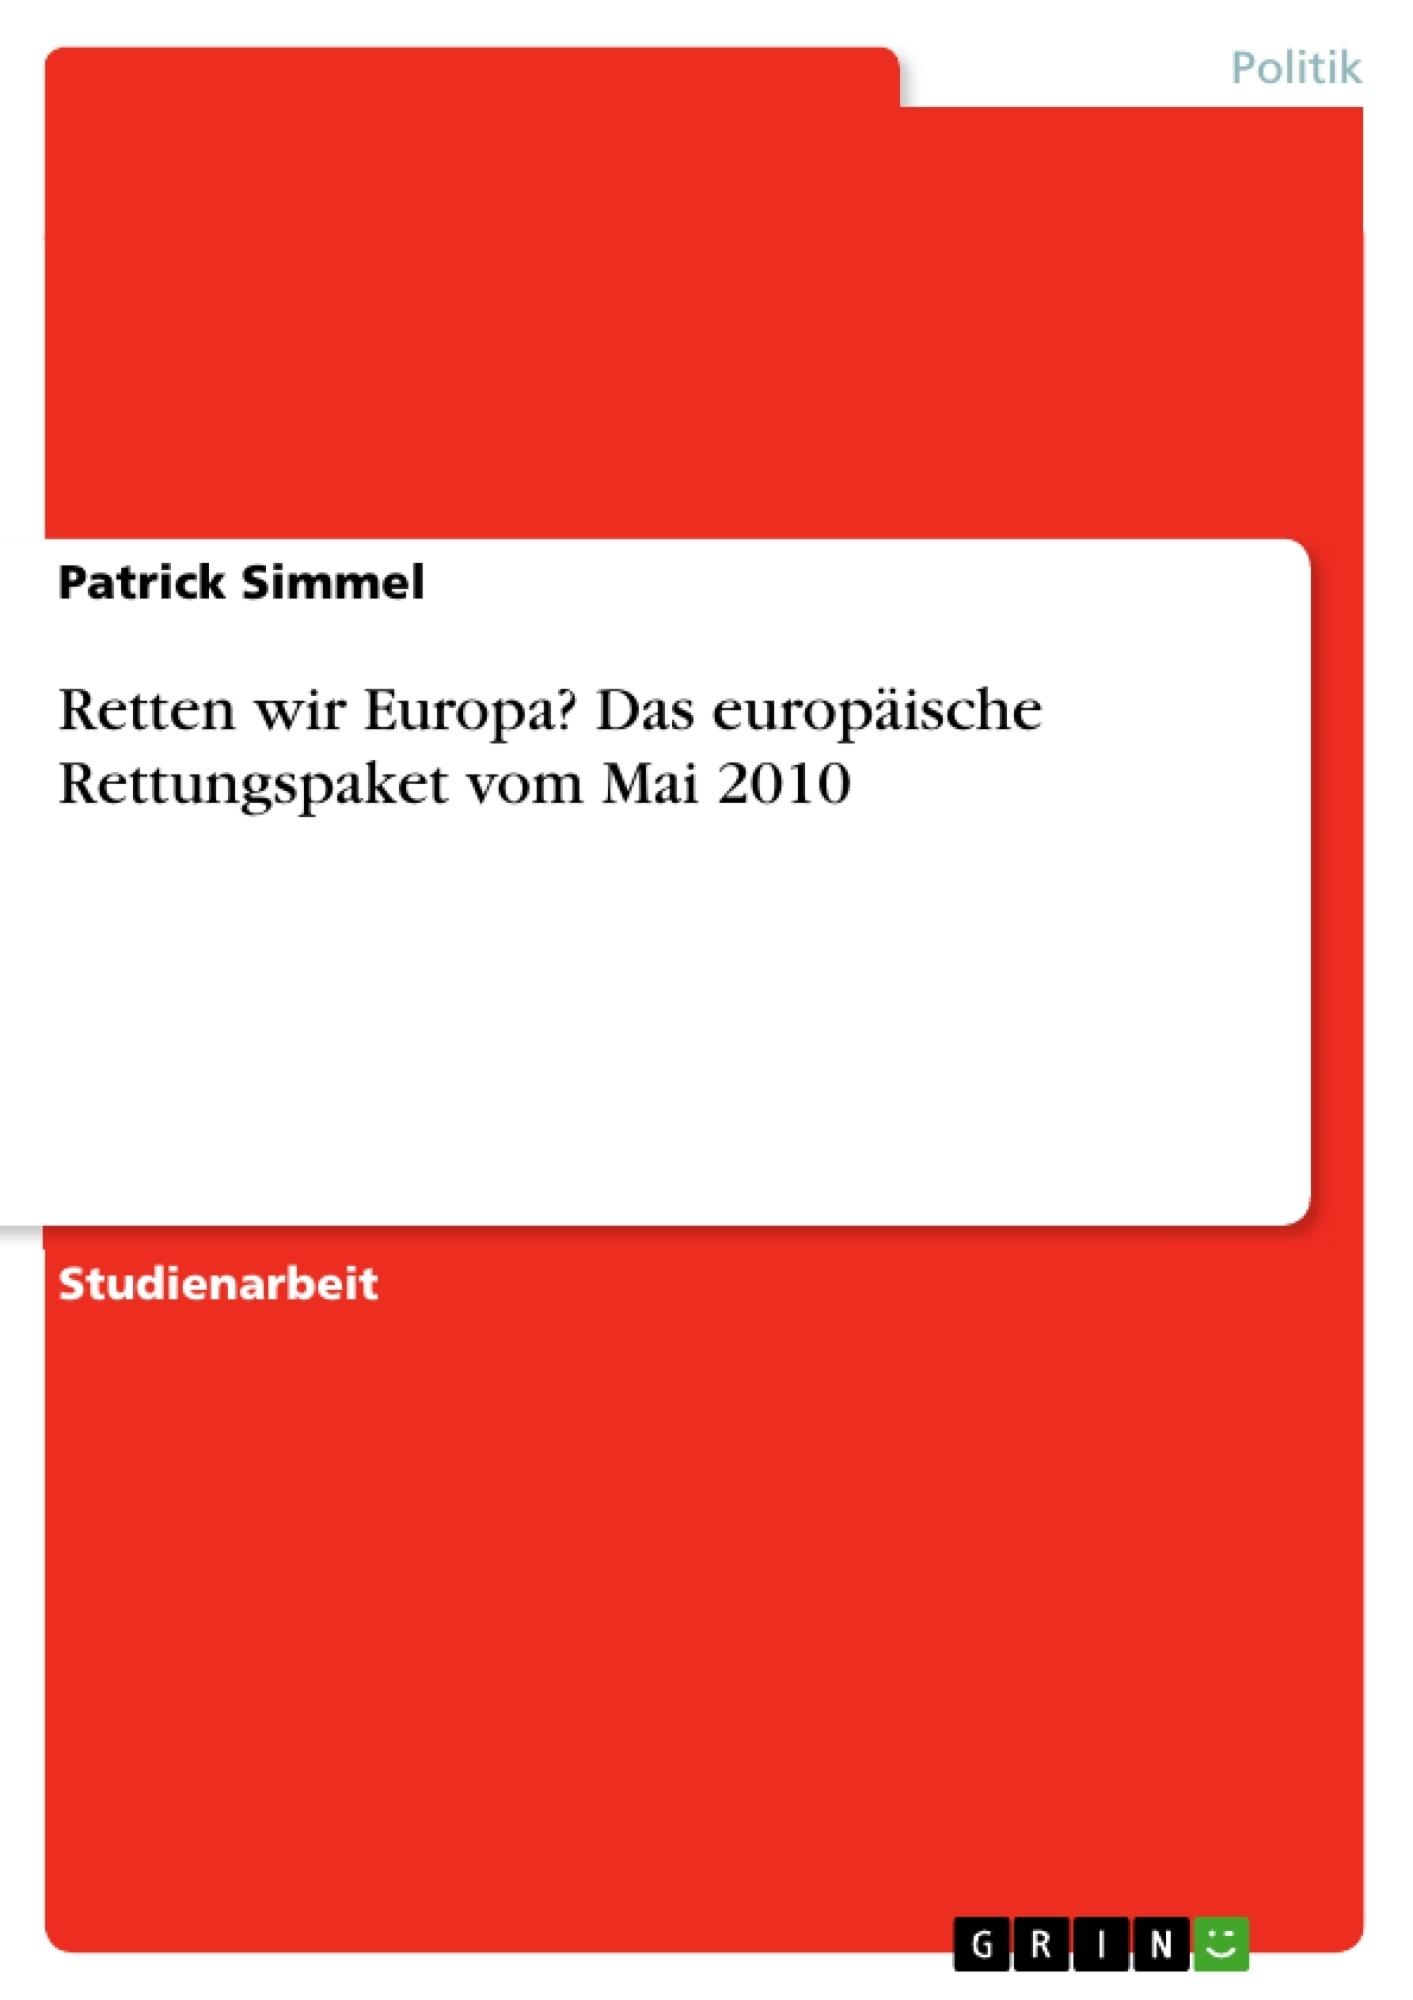 Titel: Retten wir Europa? Das europäische Rettungspaket vom Mai 2010